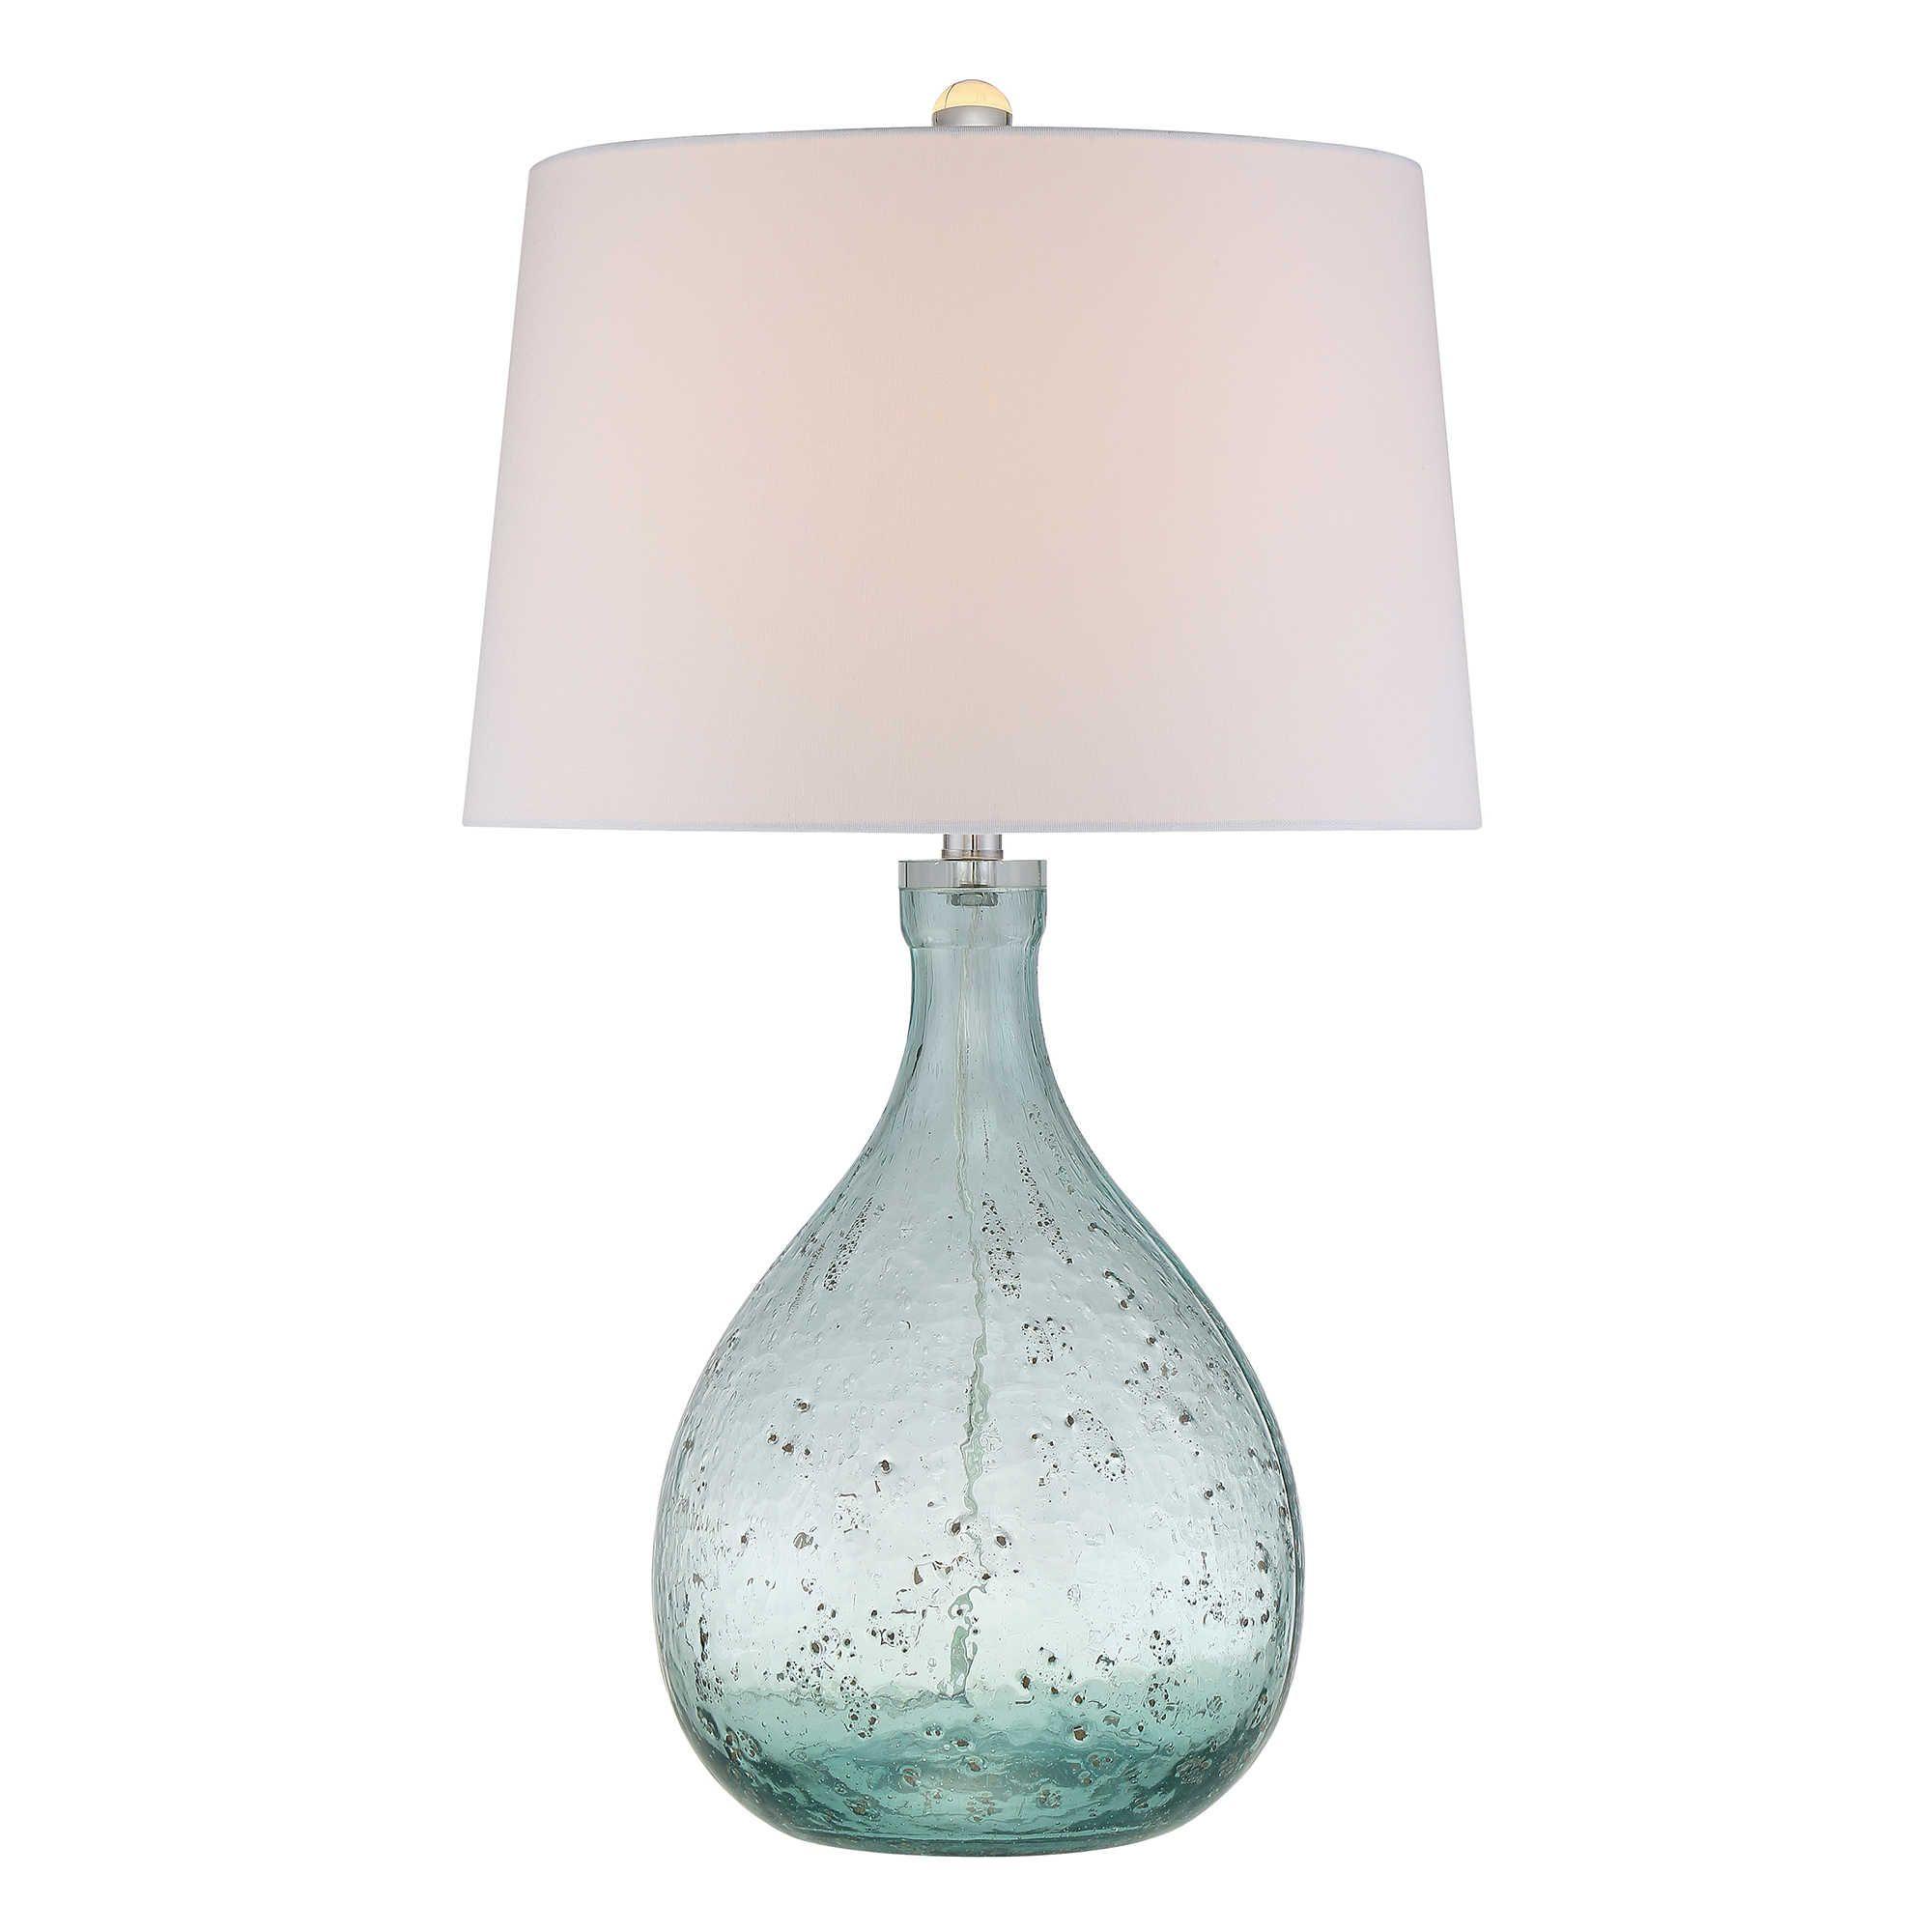 lovely wonderfull modern of lamp inspirational desk lighting light lamps e likable quoizel contemporary table